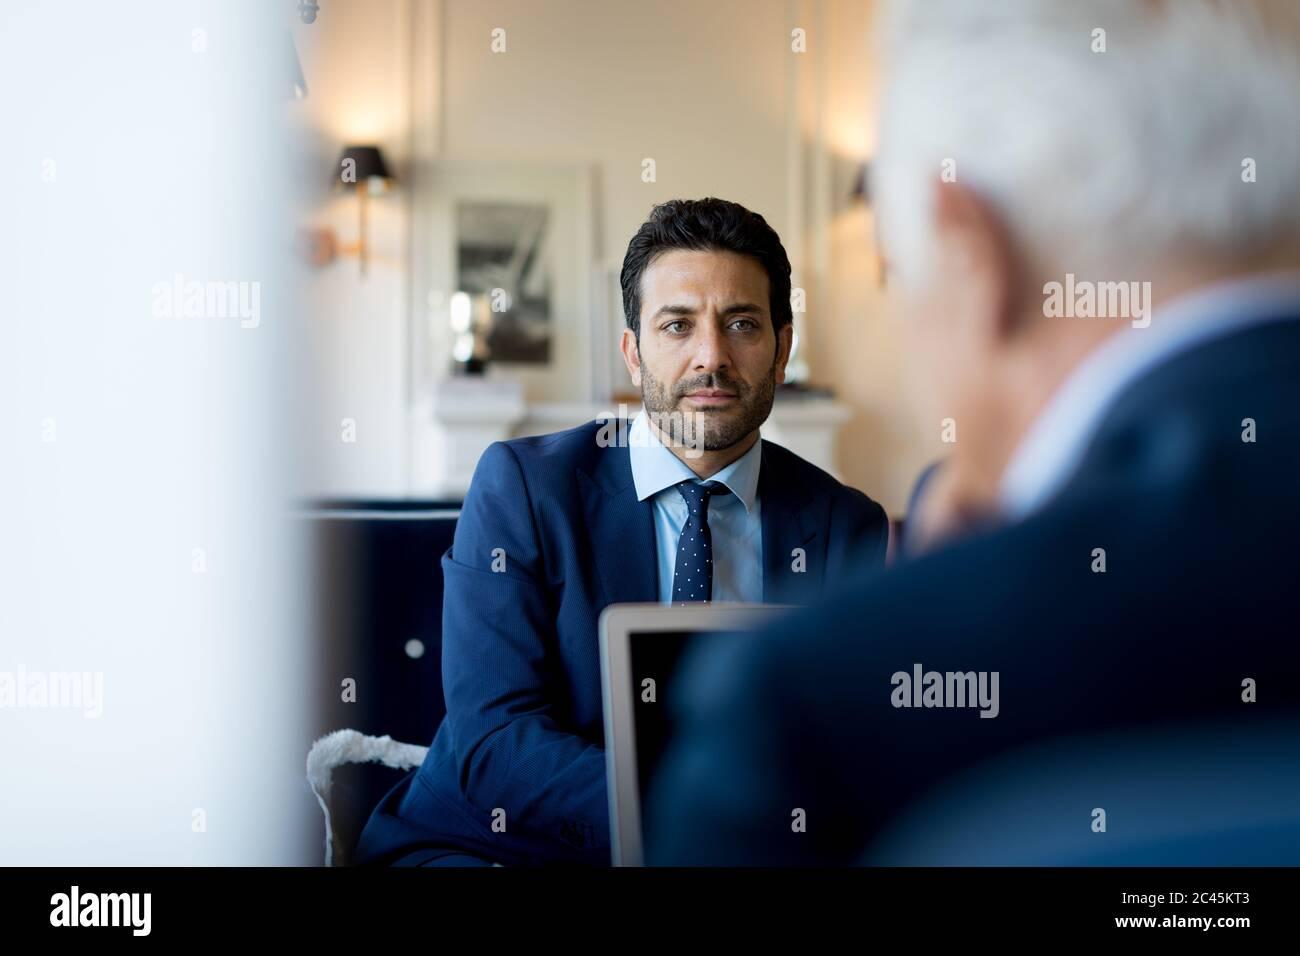 Dos hombres de negocios sentados en el interior, hablando. Foto de stock